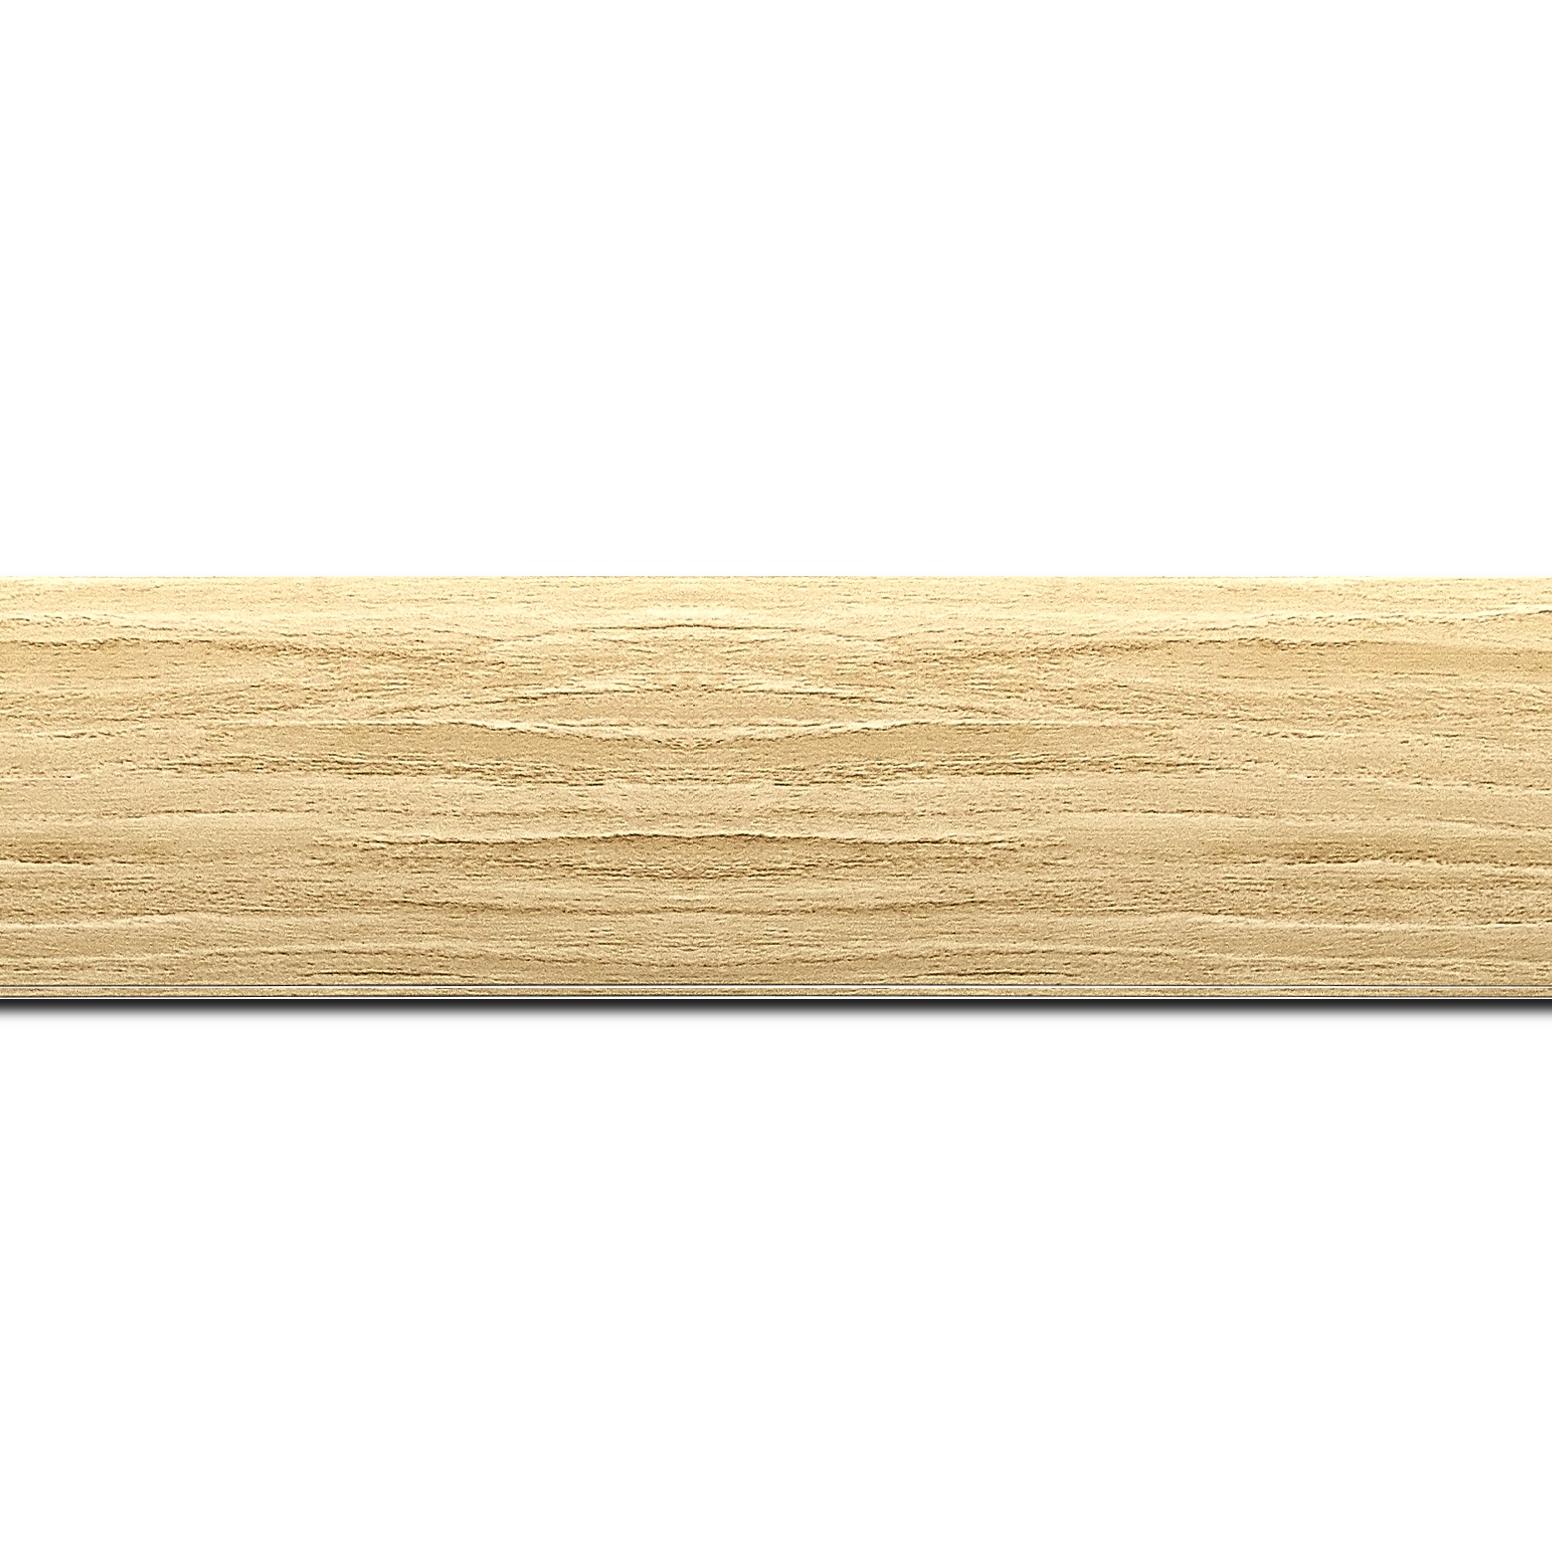 Pack par 12m, bois profil plat largeur 4.2cm décor bois naturel(longueur baguette pouvant varier entre 2.40m et 3m selon arrivage des bois)